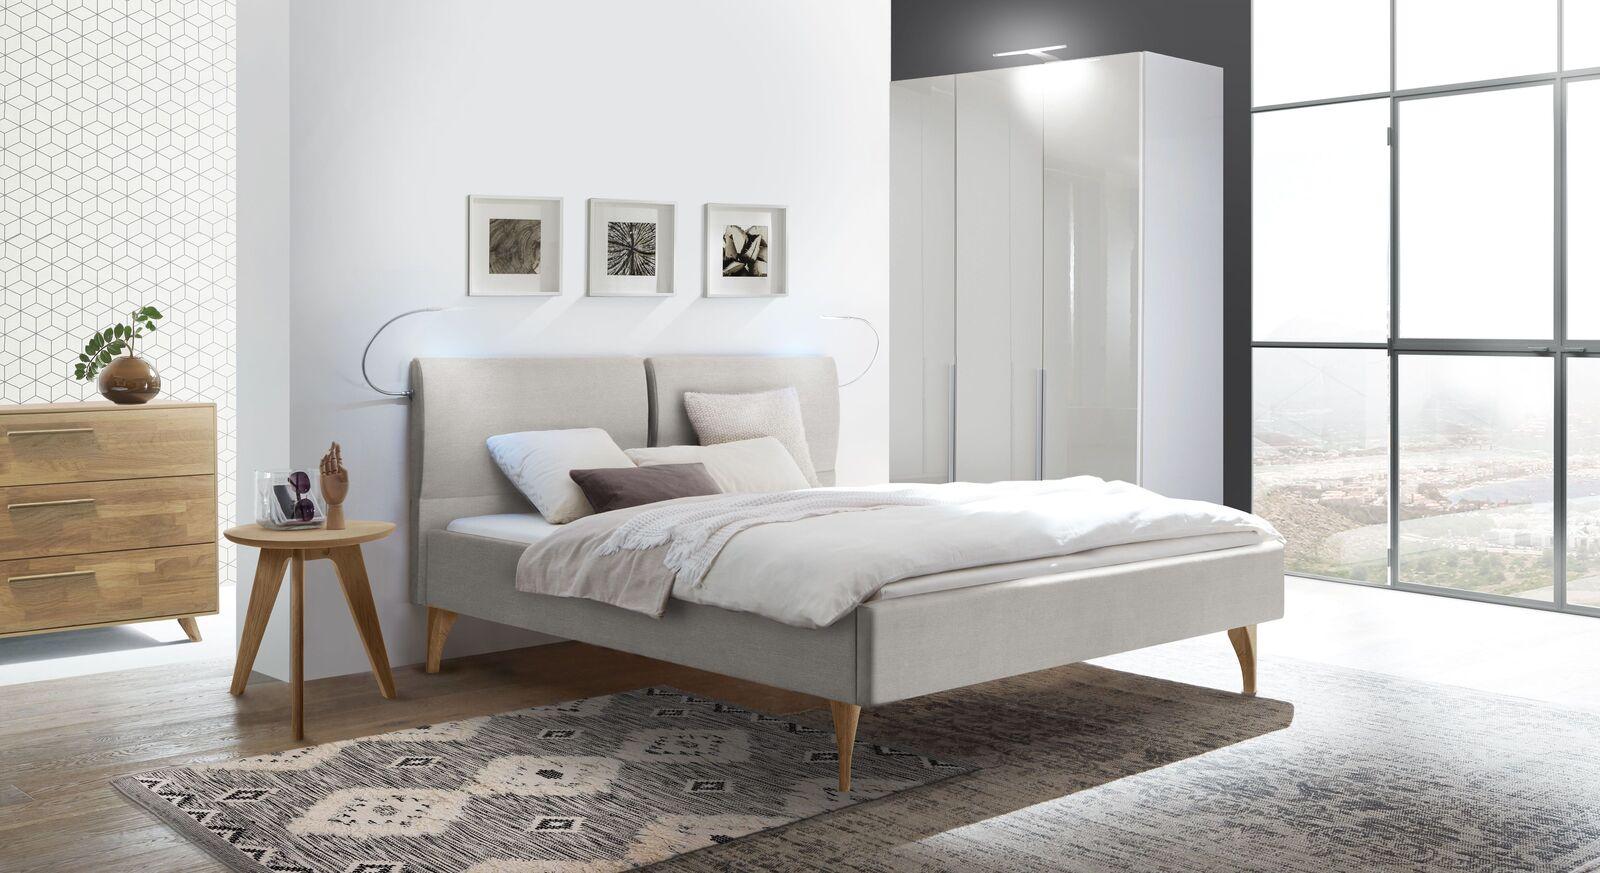 Full Size of Bett Modern Design Italienisches Puristisch Polsterbett Mit Ausgestellten Holzbeinen Webstoffbezug Marla Betten Schubladen Flexa überlänge Erhöhtes Bett Bett Modern Design